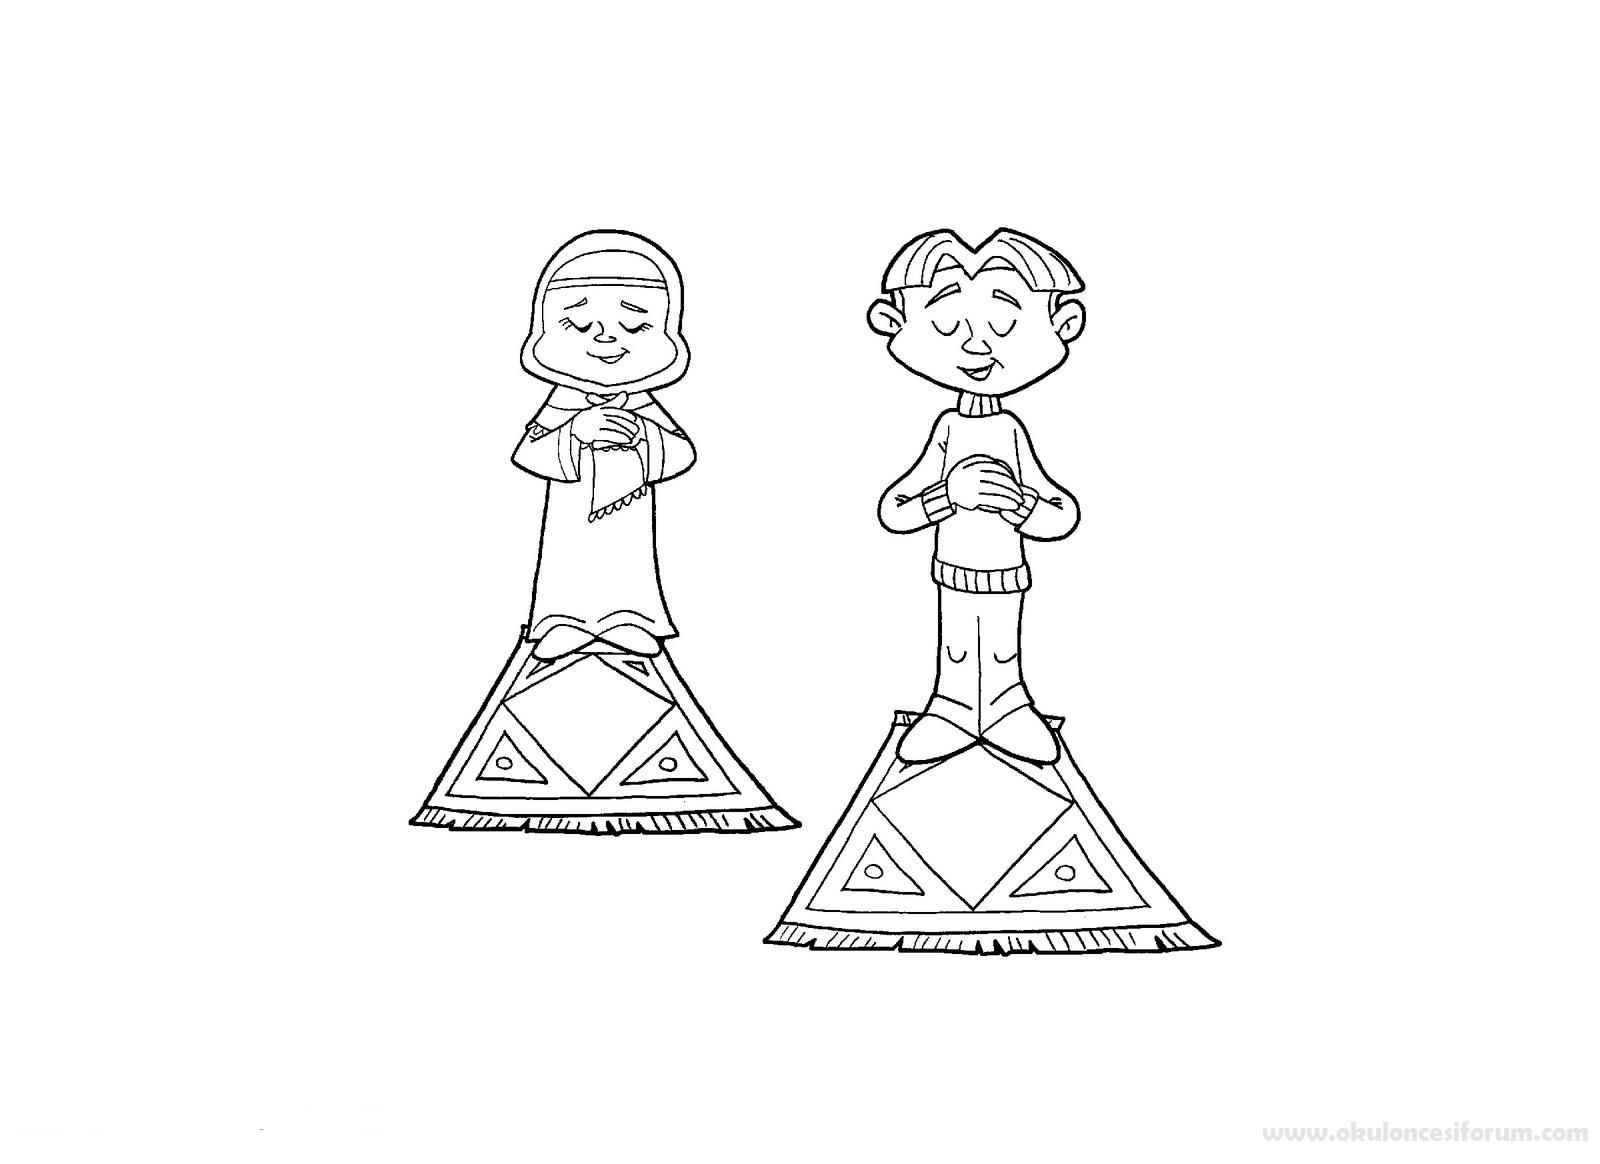 çocuklar Için Ramazan Boyamaları Ve Bulmacaları Okul öncesi